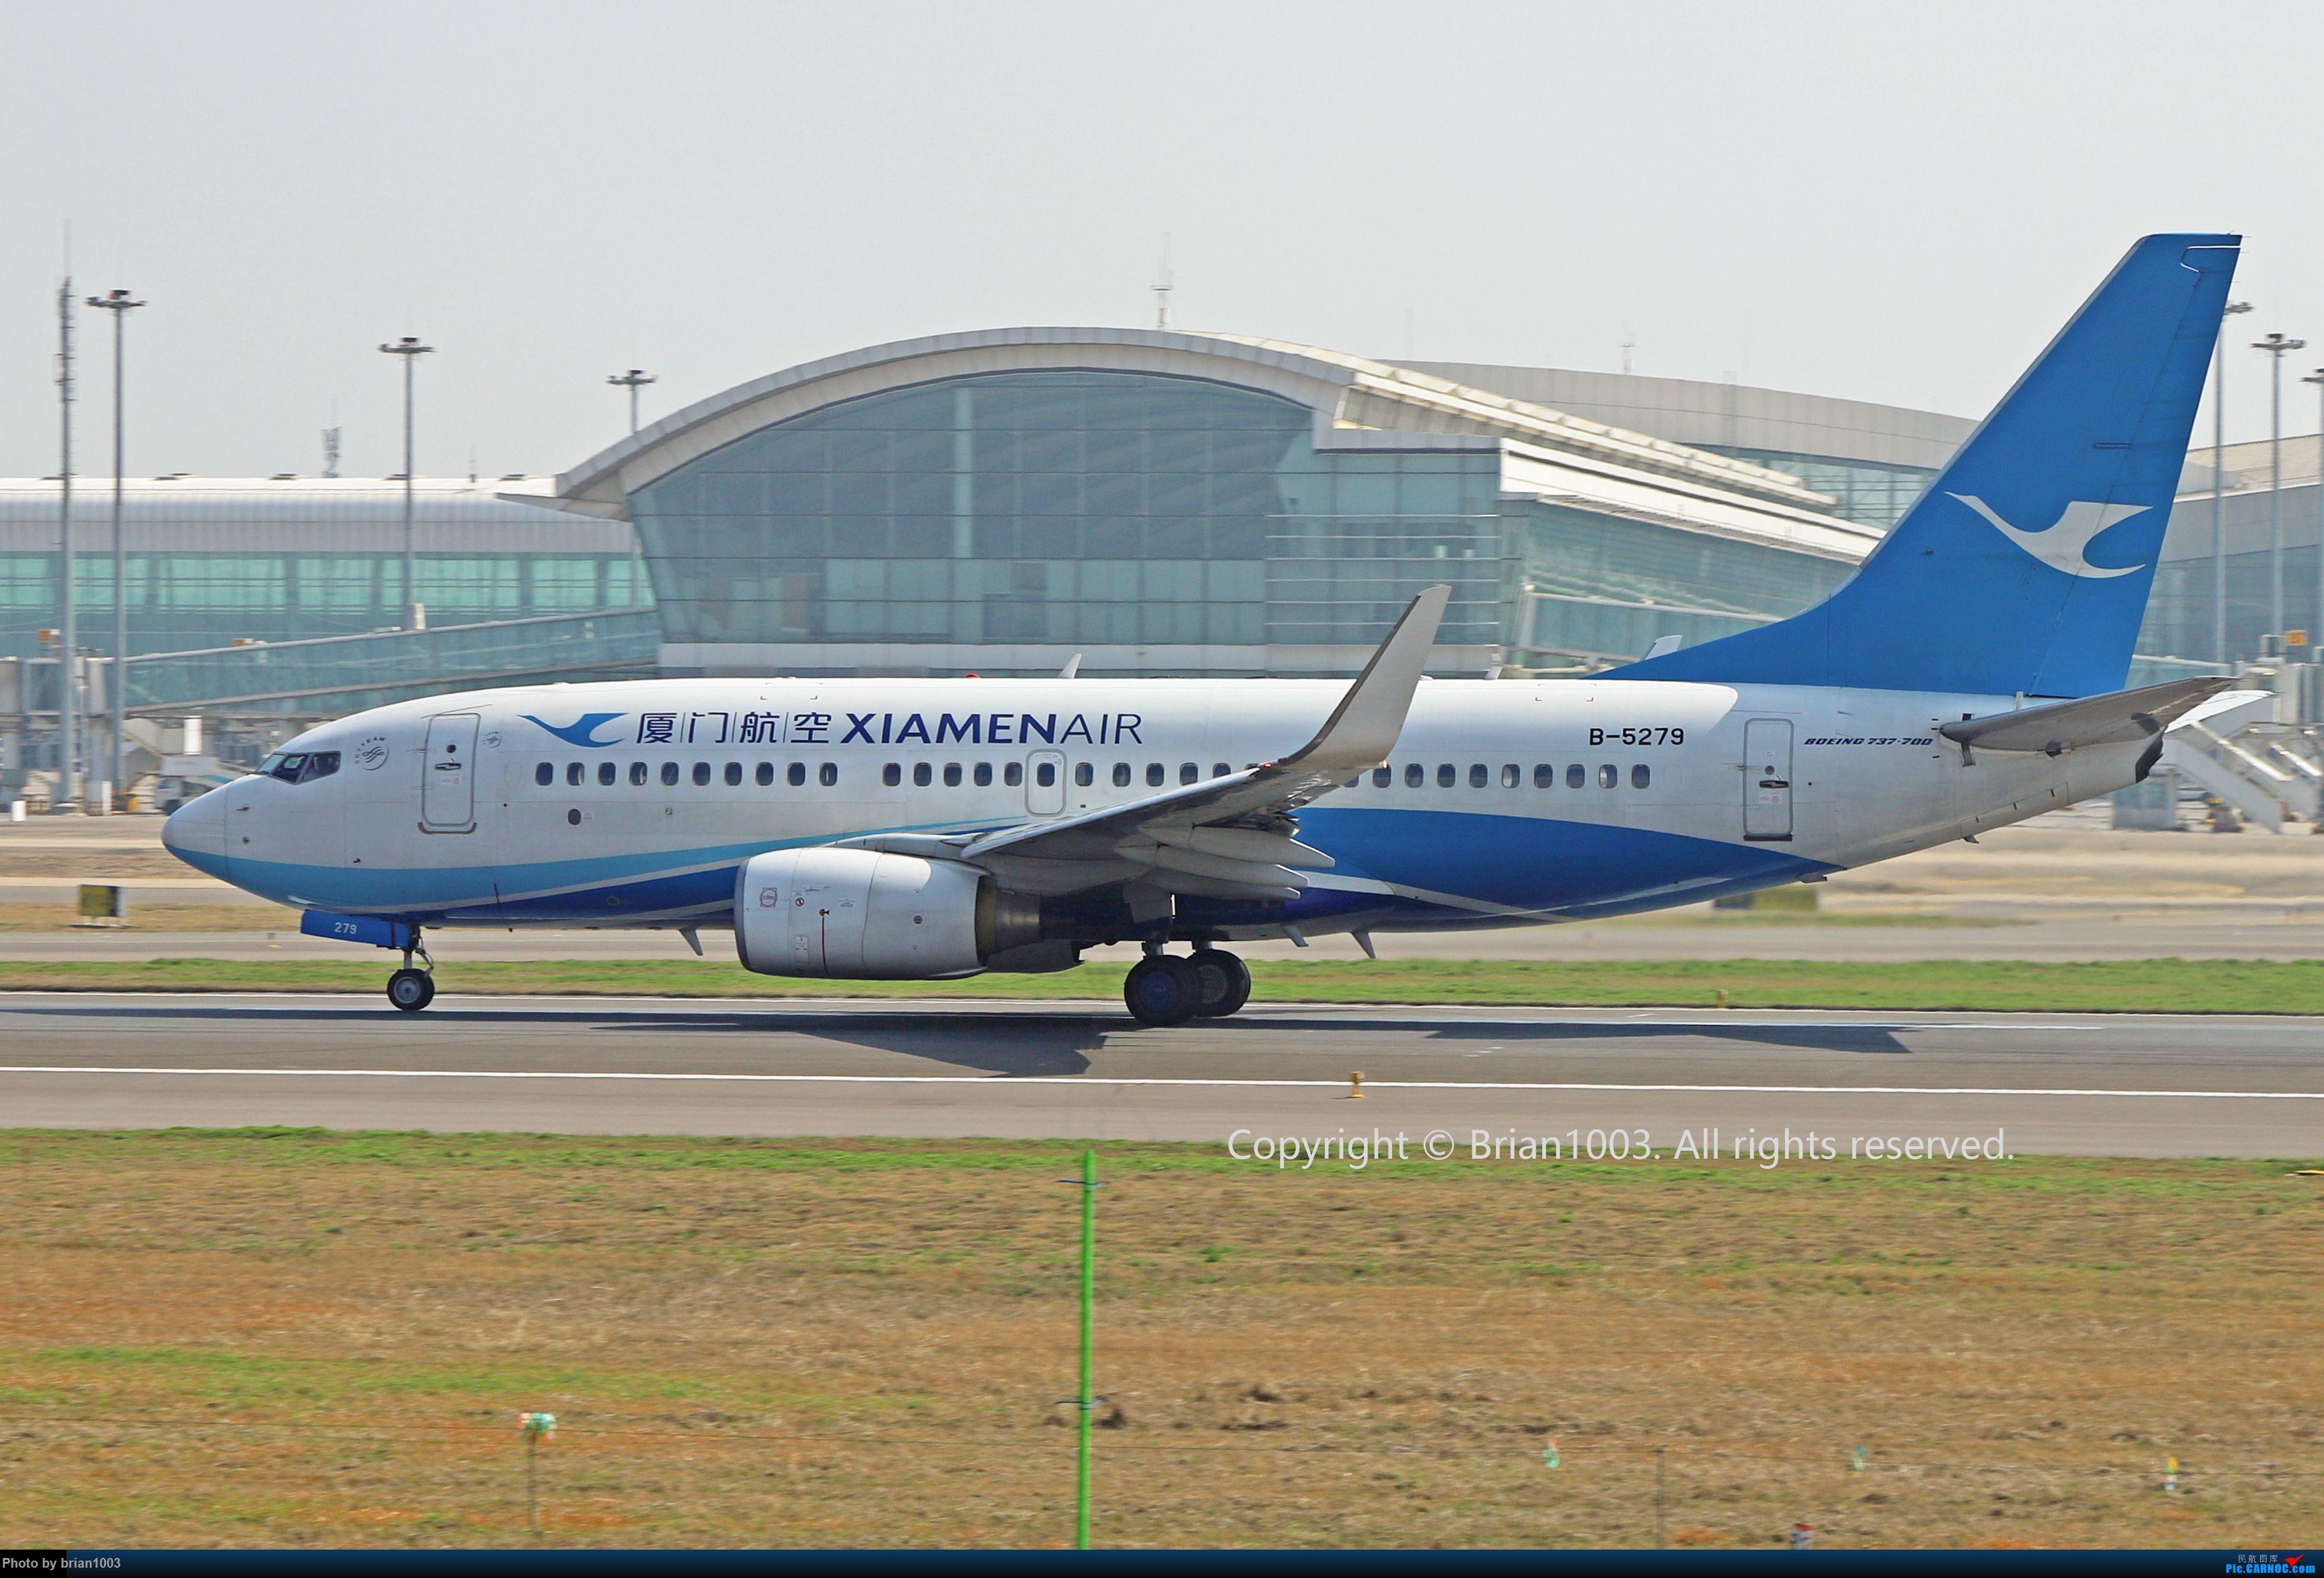 Re:[原创]WUH天河机场2021年拍机之二月 BOEING 737-700 B-5279 中国武汉天河国际机场